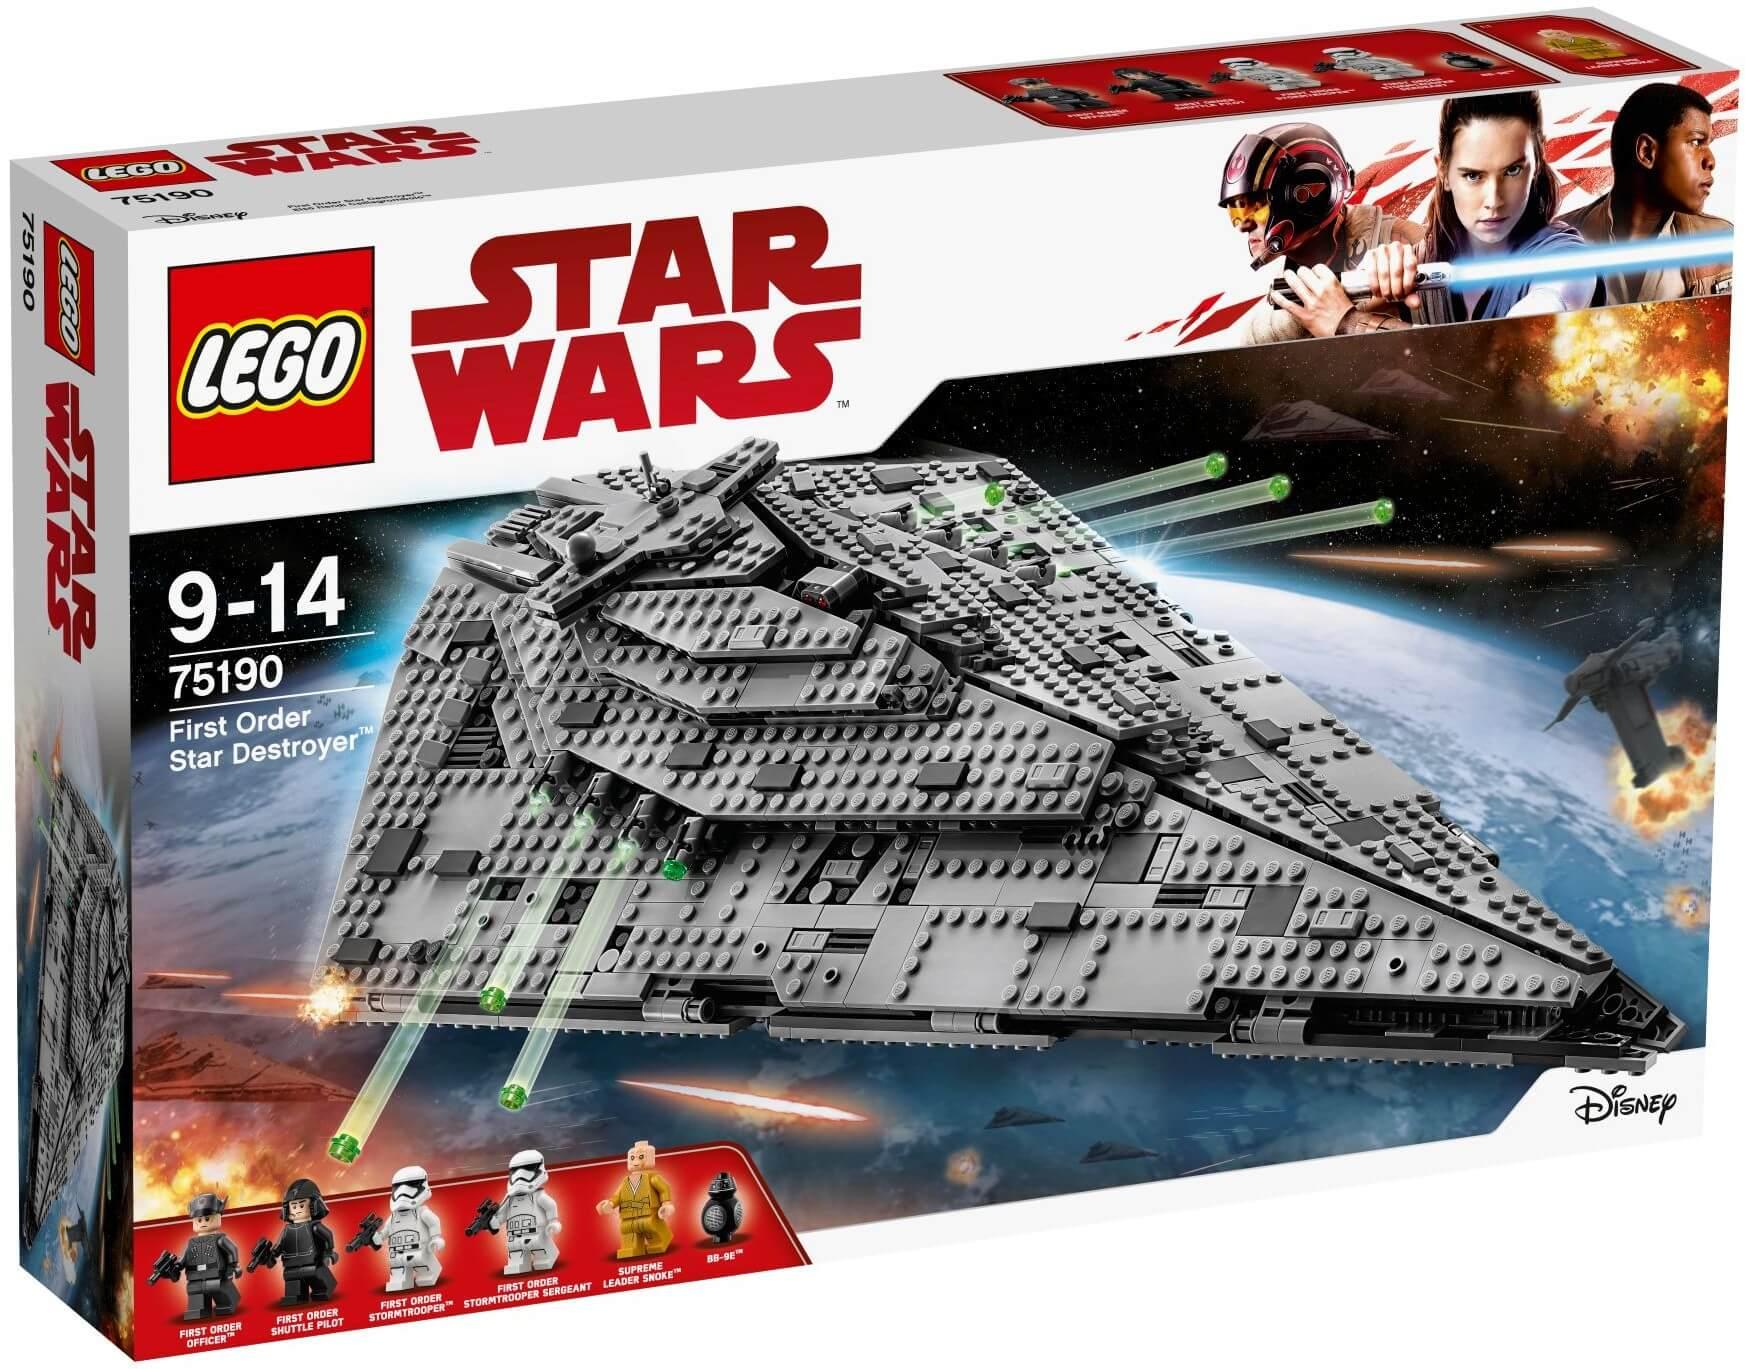 Mua đồ chơi LEGO 75190 - LEGO Star Wars 75190 - First Order Star Destroyer - Chiến Hạm Hủy Diệt First Order